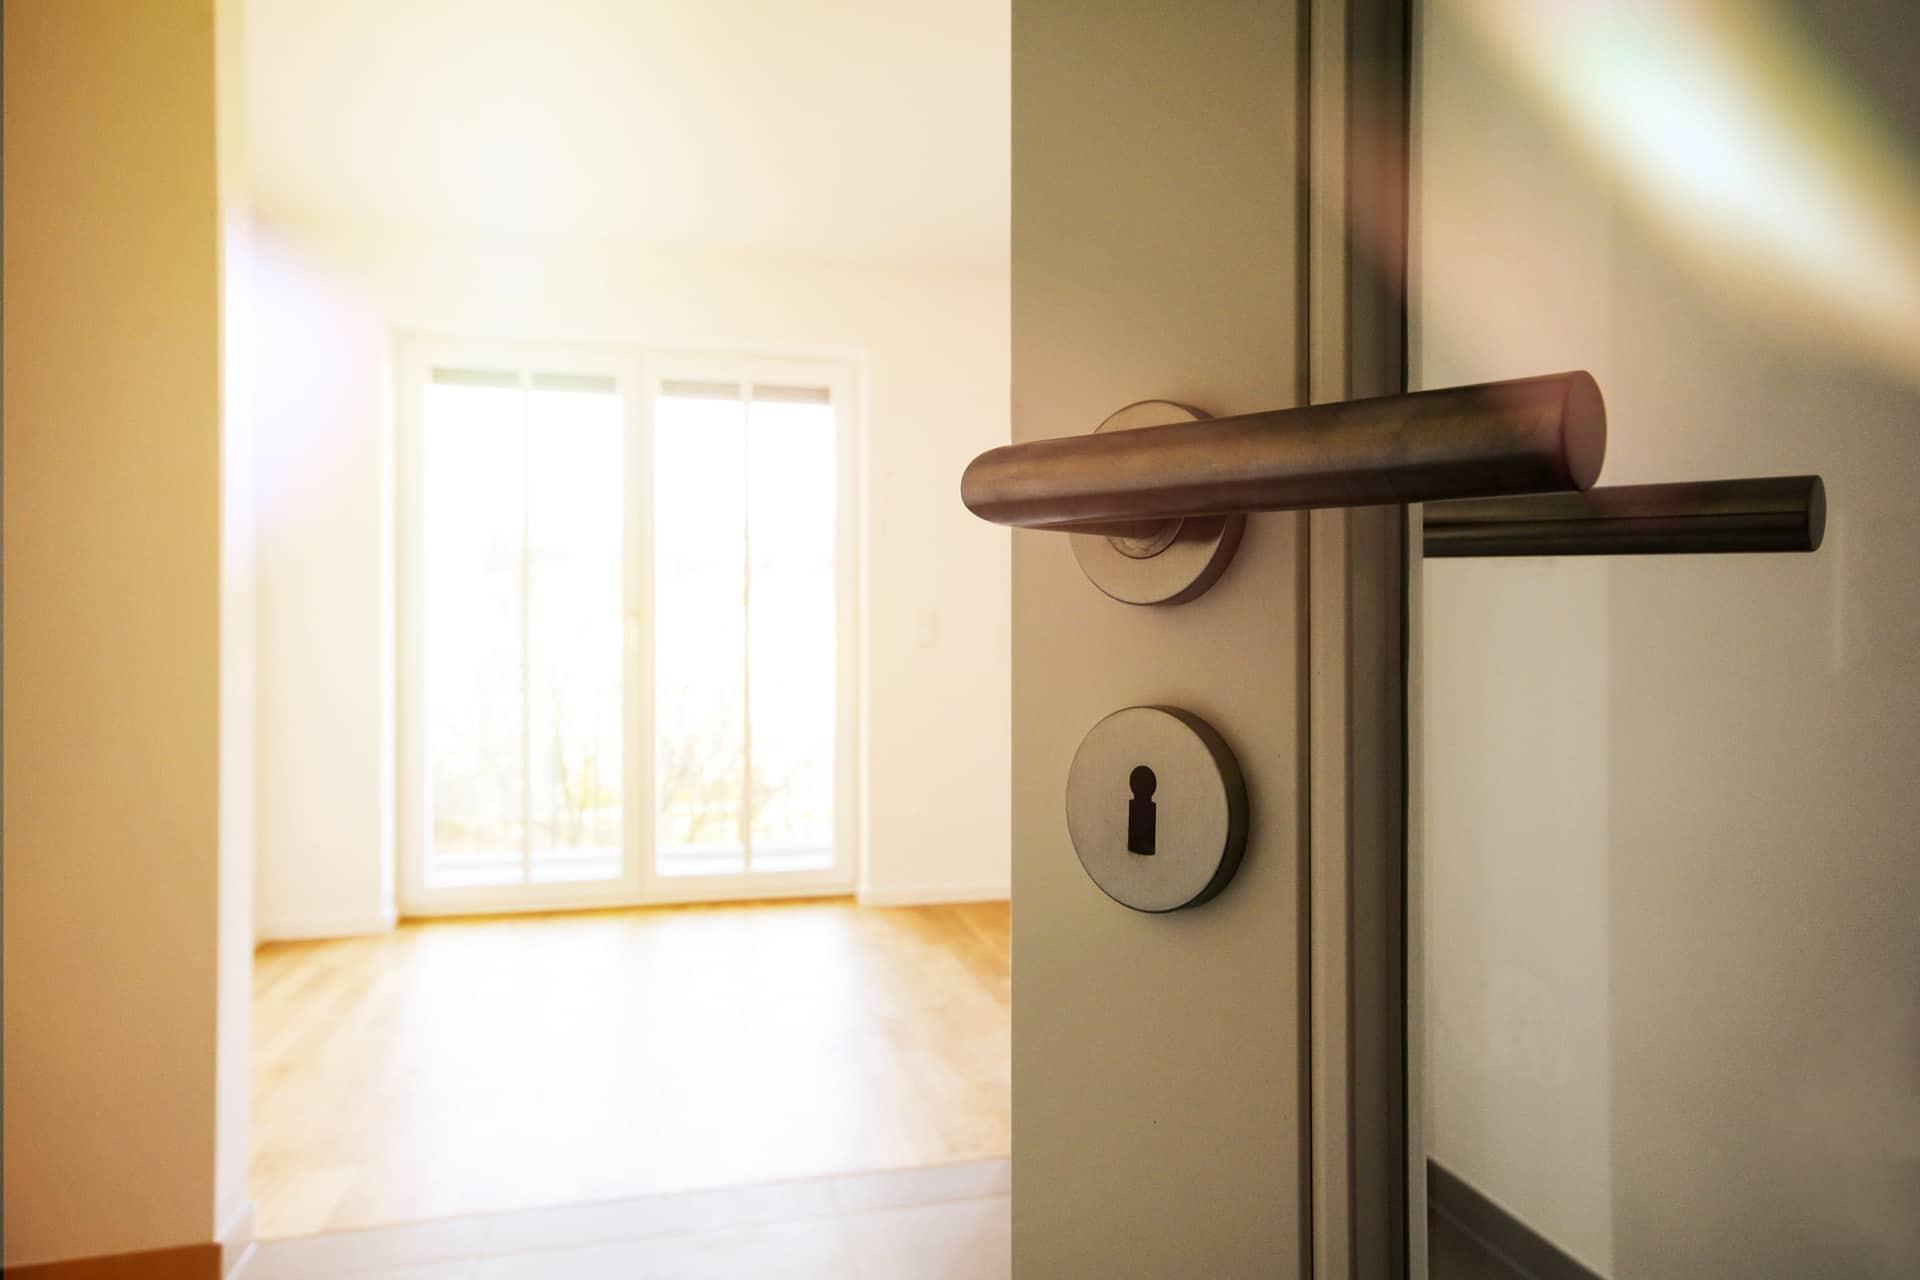 View of empty apartment from open doorframe of glass door. Hardwood floors, sliding glass door in background